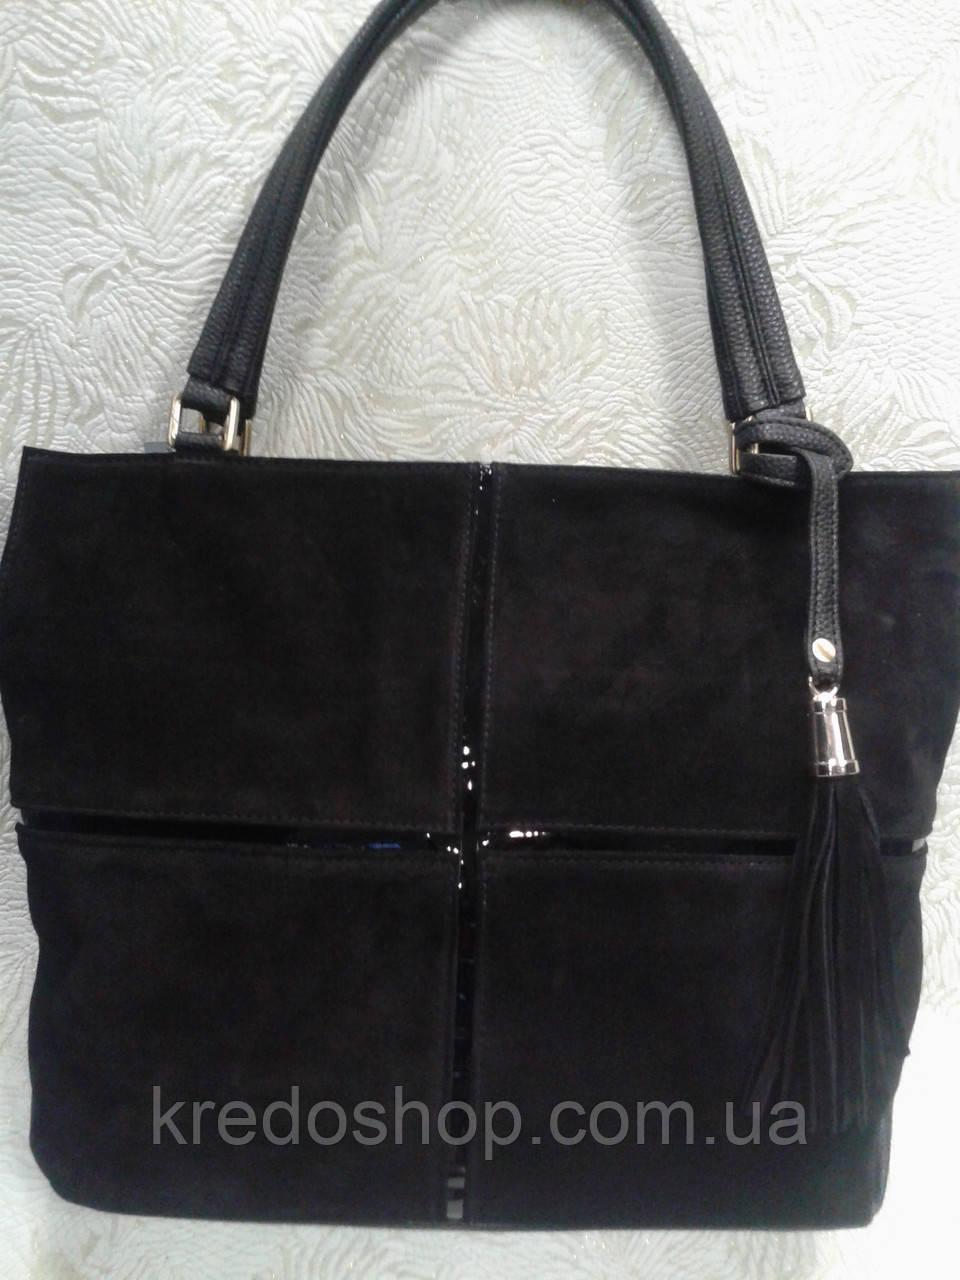 ff9c15a54657 Женская сумка замшевая черная стильная - Интернет-магазин сумок и  аксессуаров